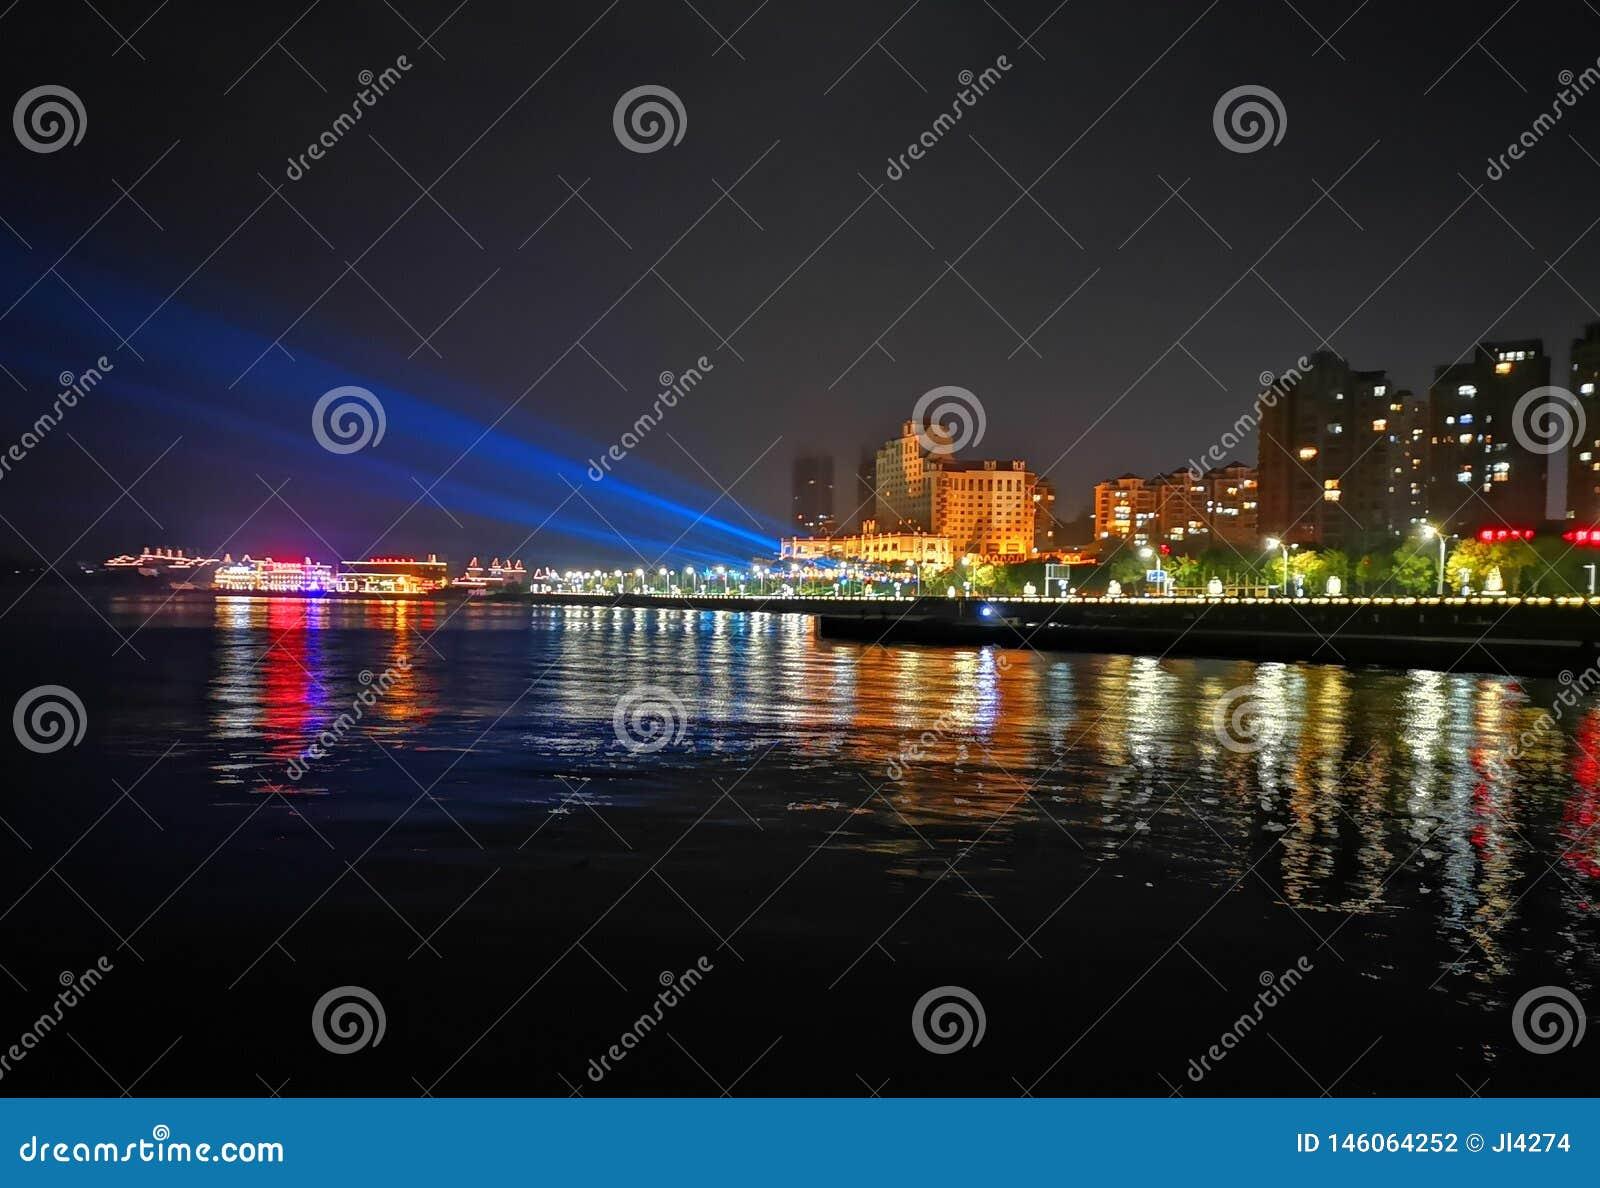 Night view of a seaside city,Yantai,China